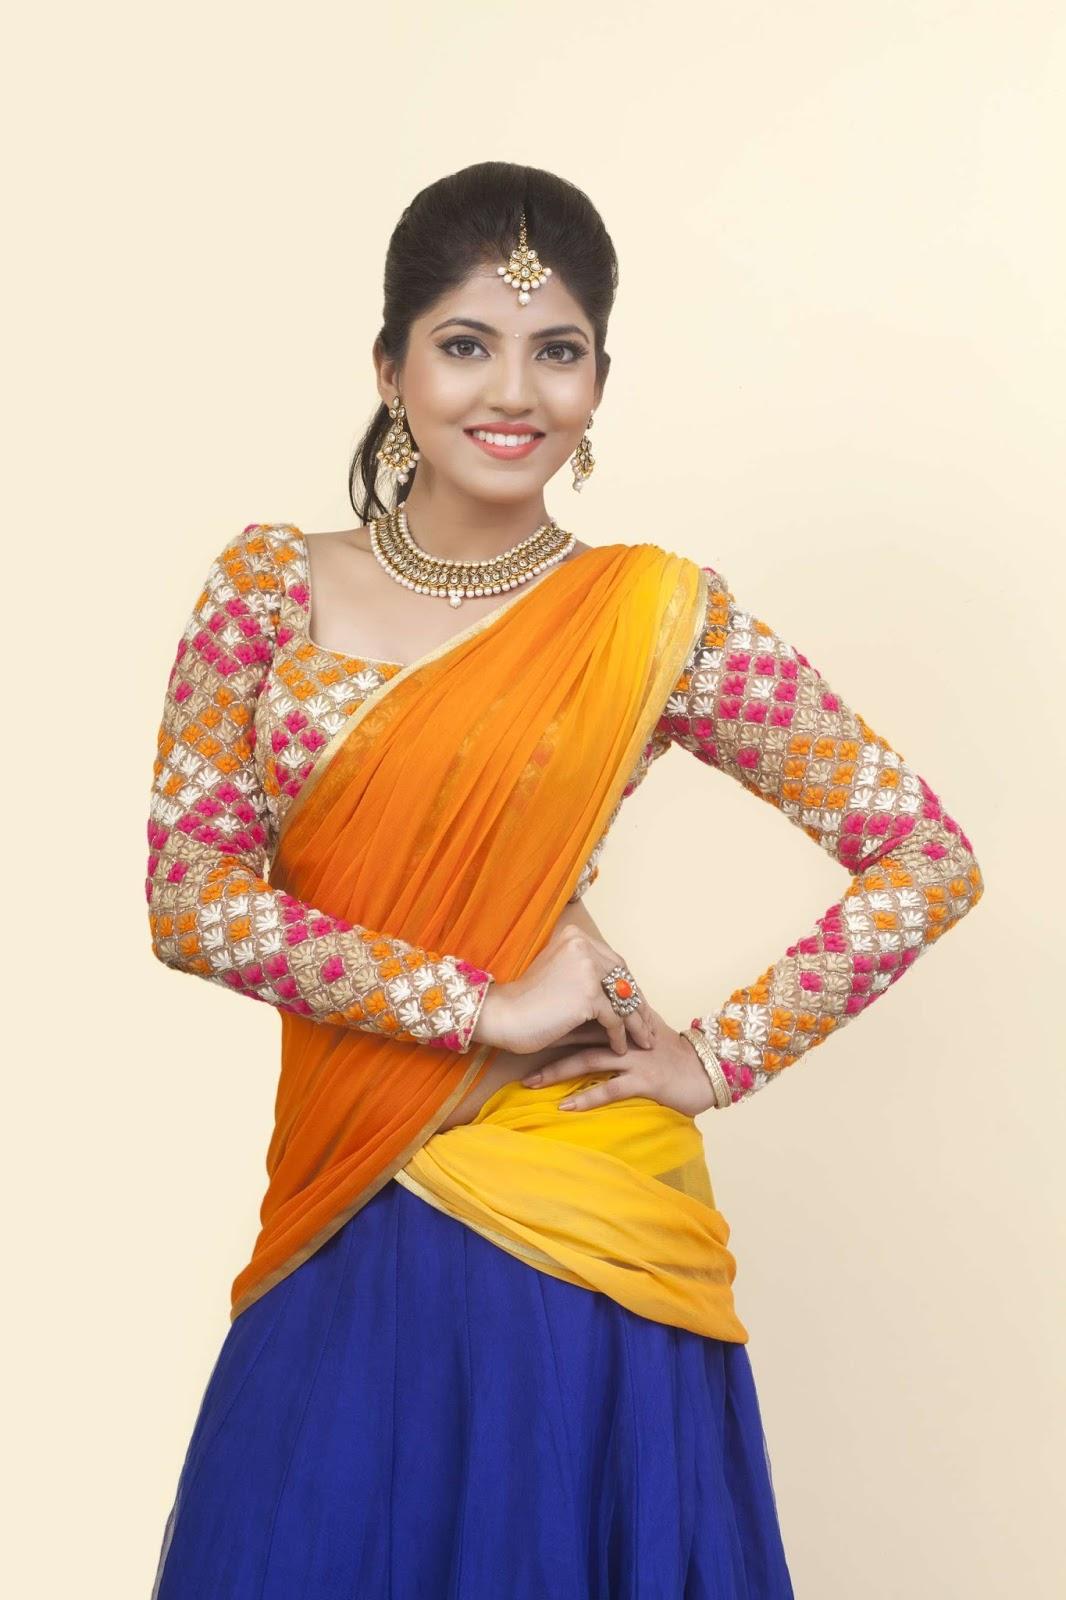 Anaswara kumar saree pictures